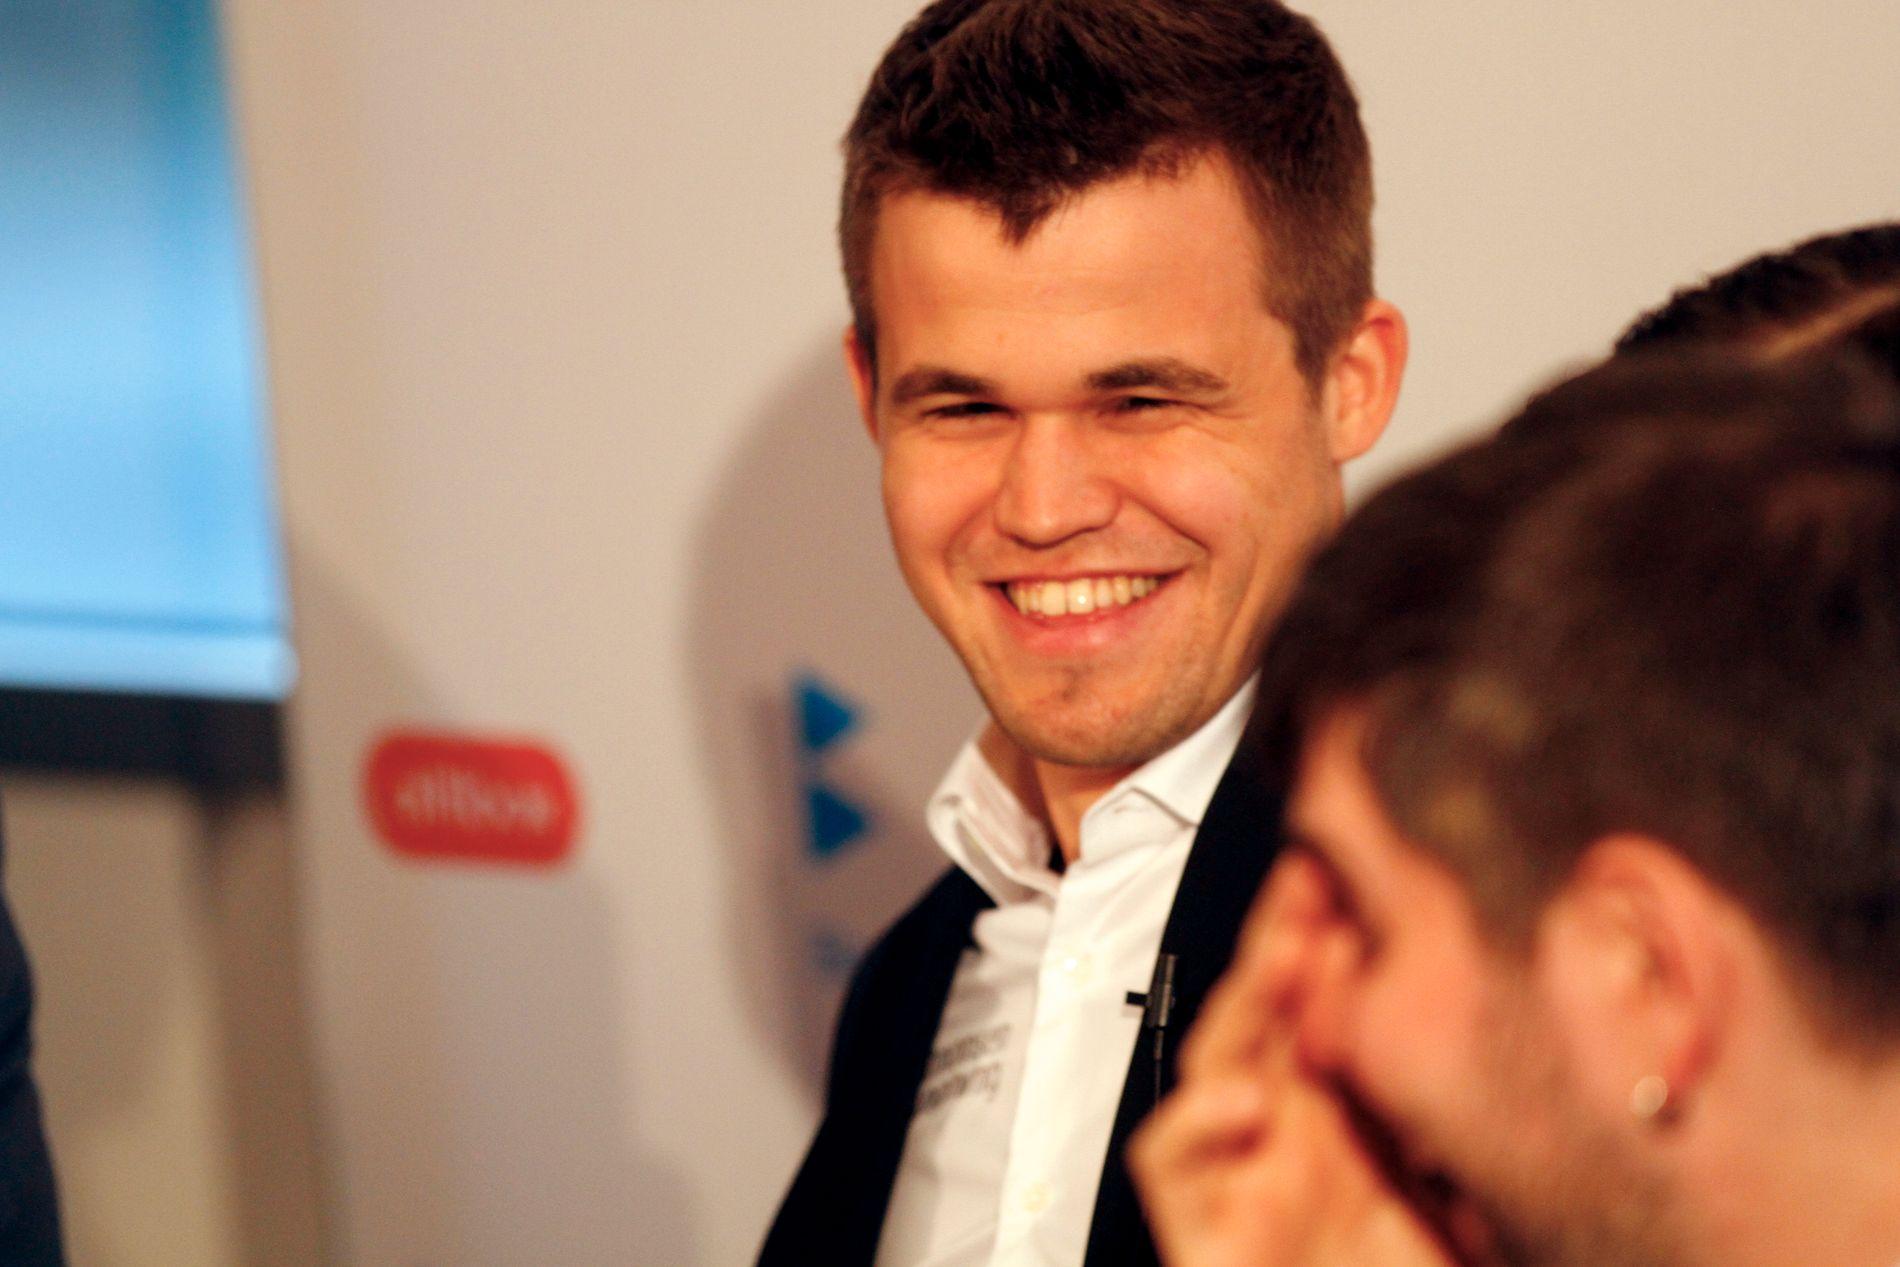 FÅR ROLLE I THE SIMPSONS: Magnus Carlsen gliser bredt under Norway Chess i år.